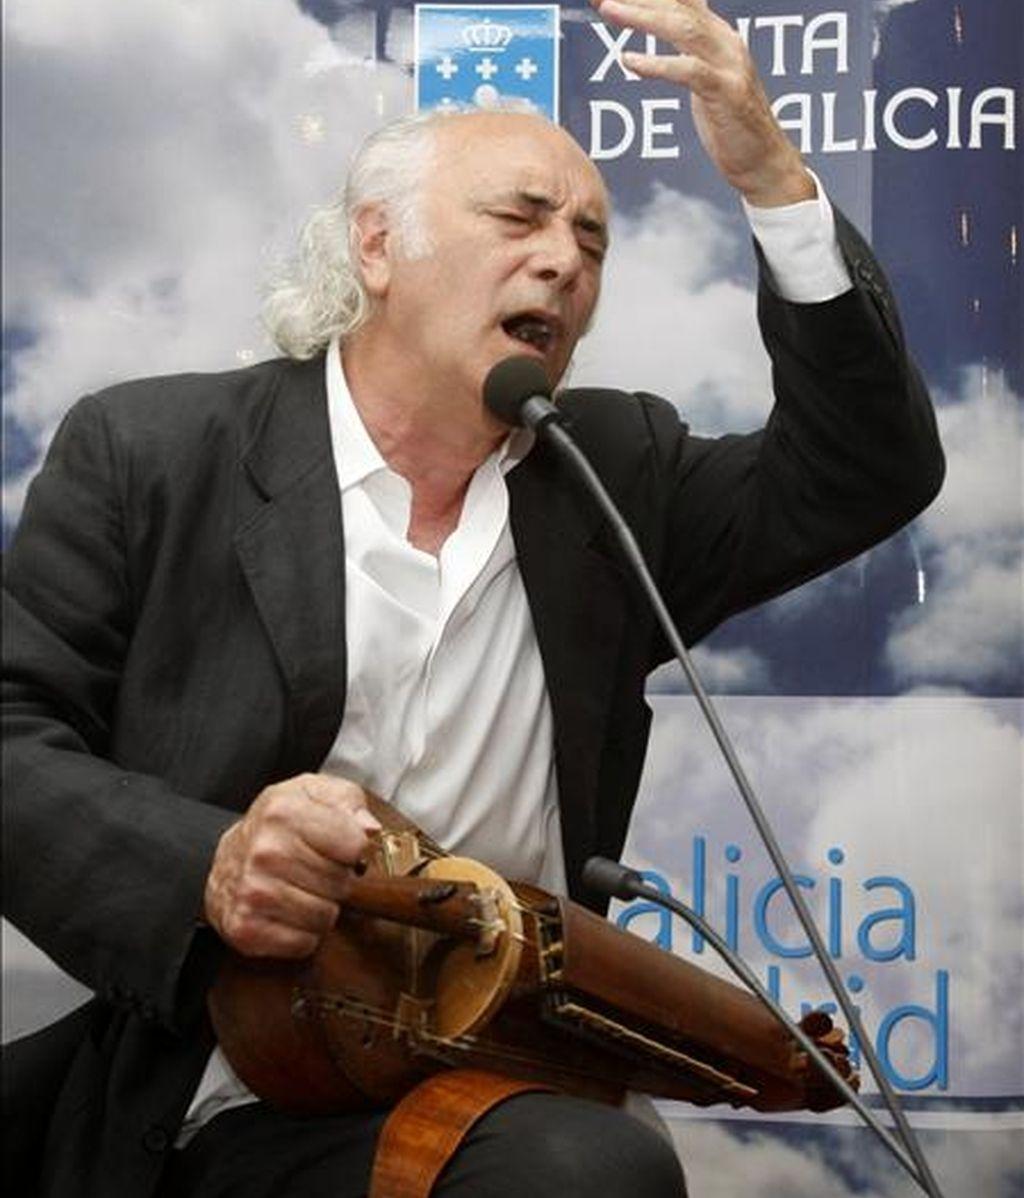 El cantautor Amancio Prada, durante una actuación. EFE/Archivo